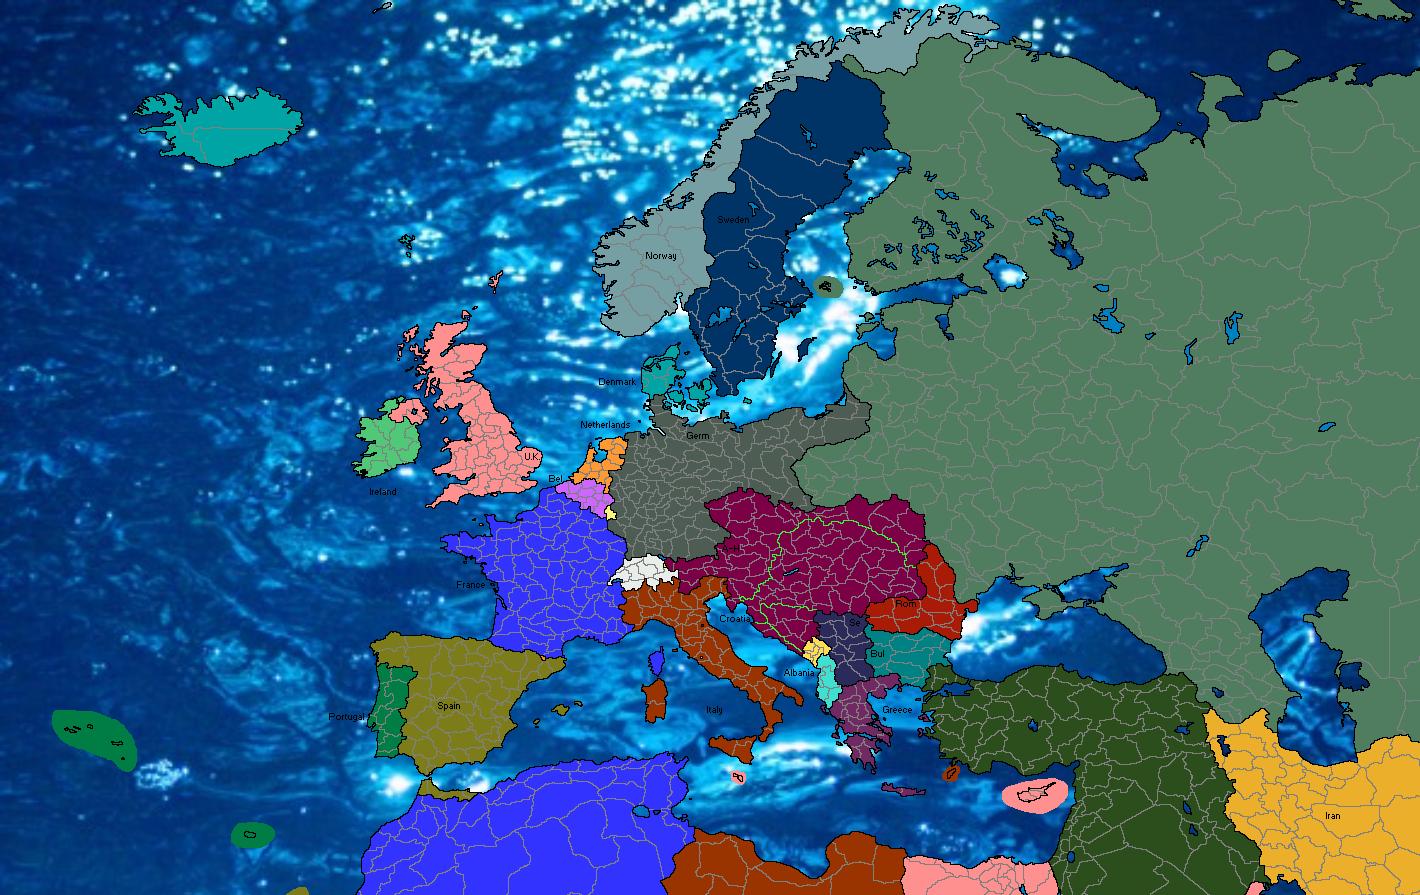 Image world war 1 europe mapg thefutureofeuropes wiki world war 1 europe mapg gumiabroncs Images